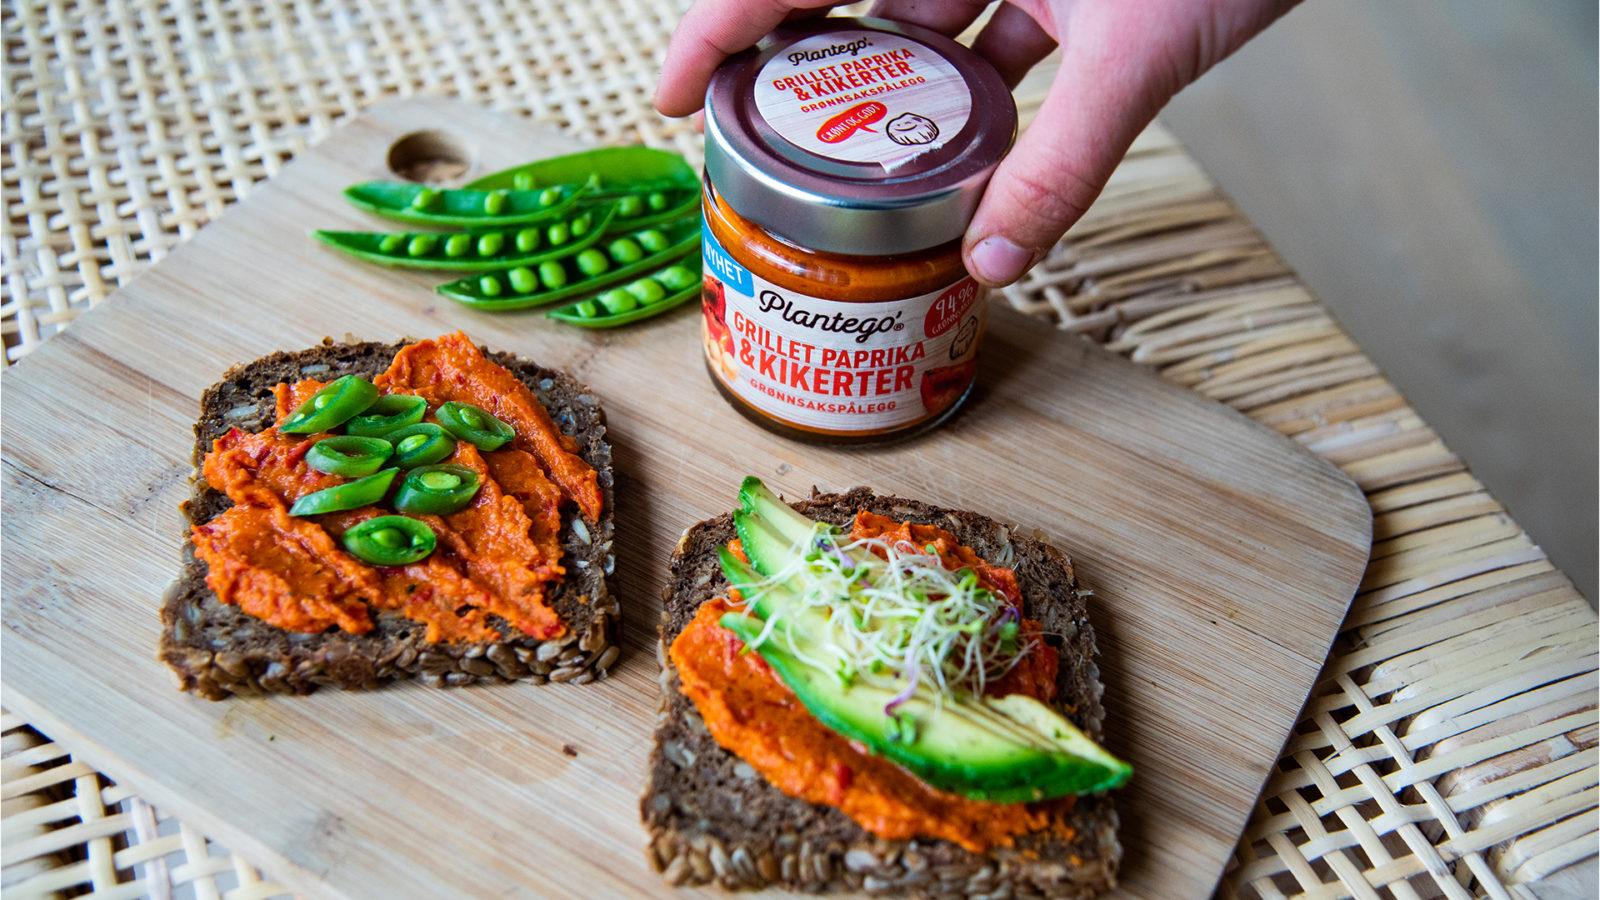 Rugbrødtoast med PLantego' Grillet paprika og kikerter